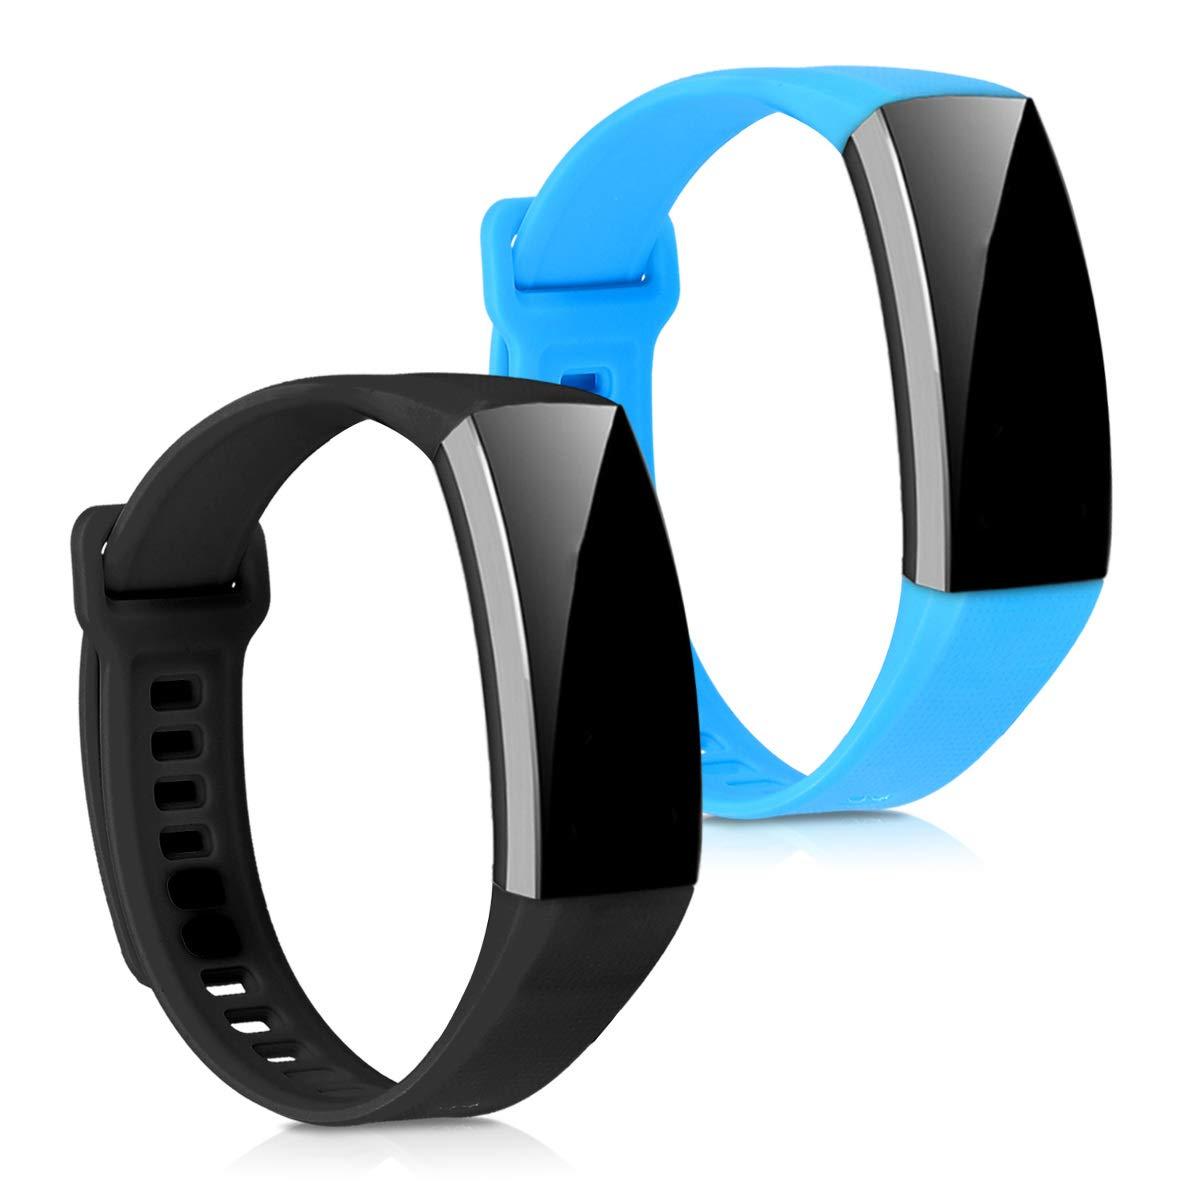 Mallas De Silicona Para Reloj Huawei Band 2 / Band 2 Pro